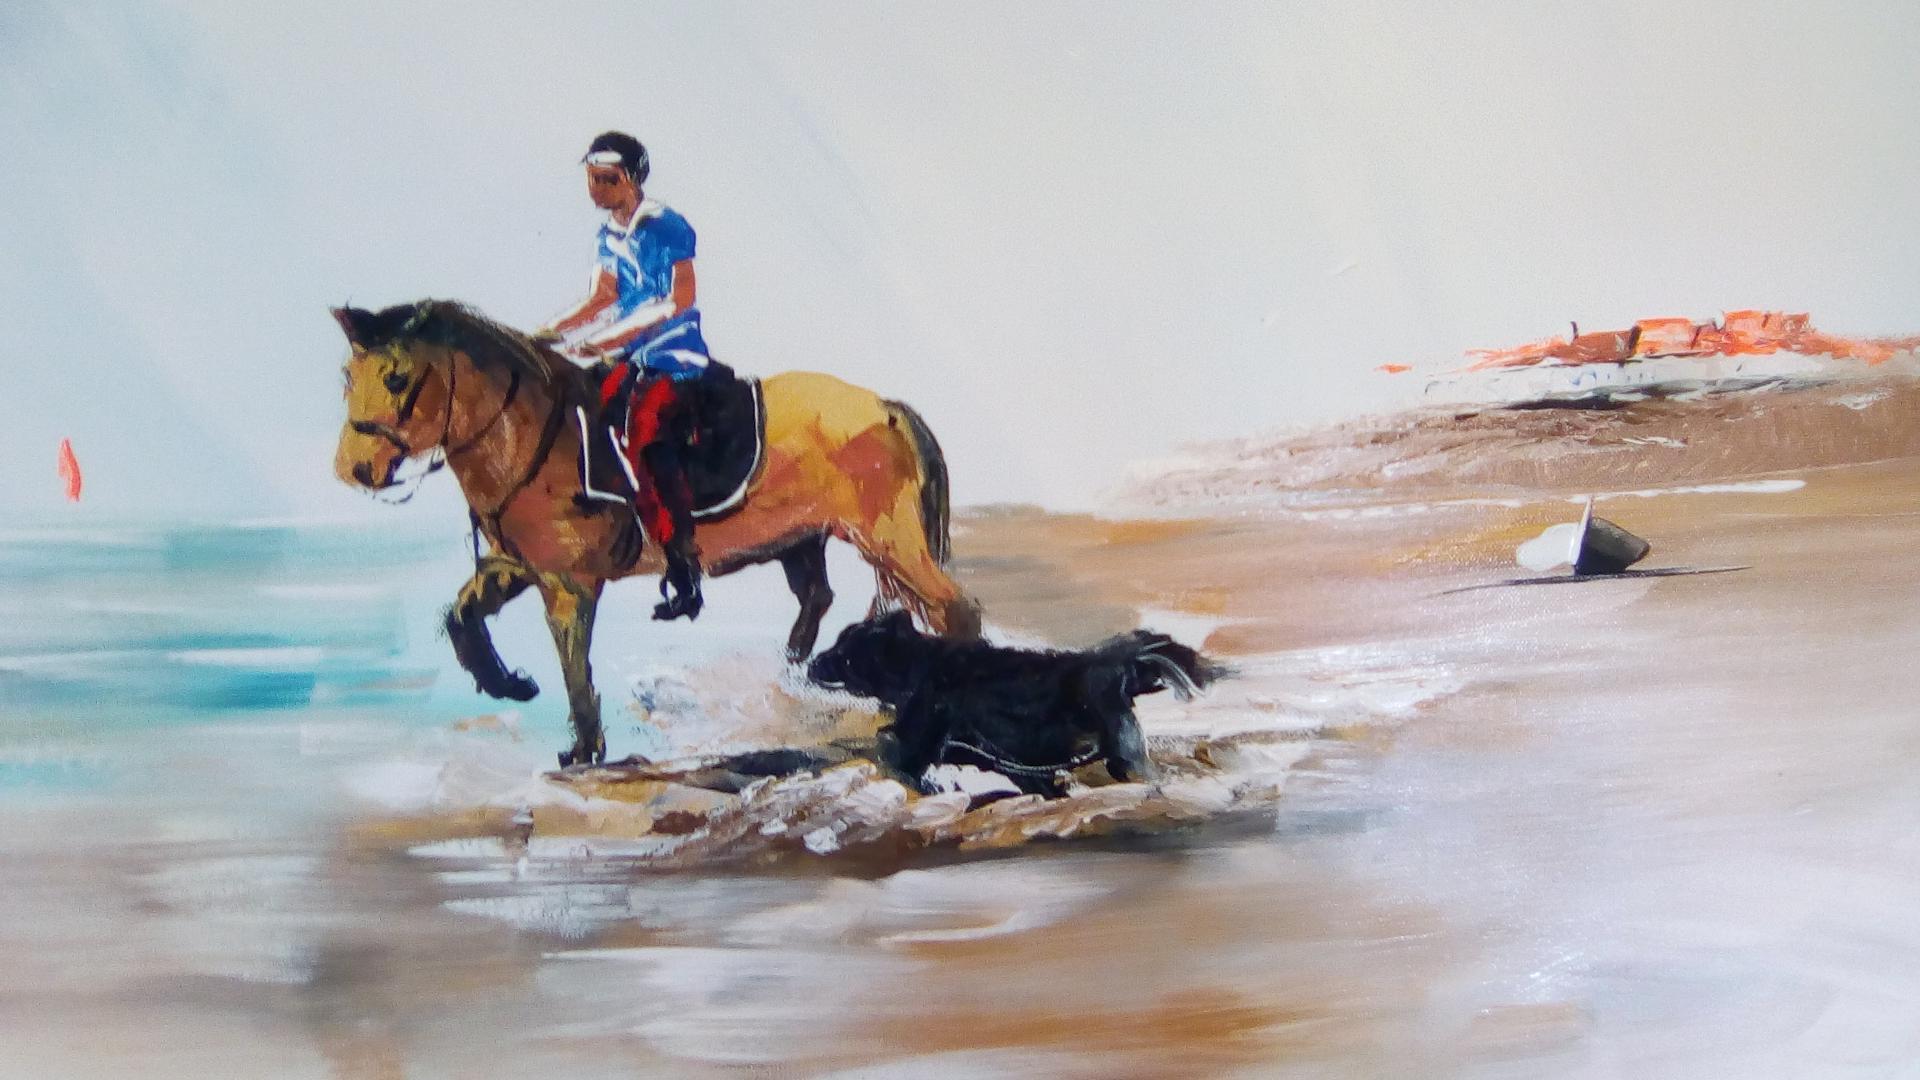 la balade à cheval sur une plage de la côte d'Opâle